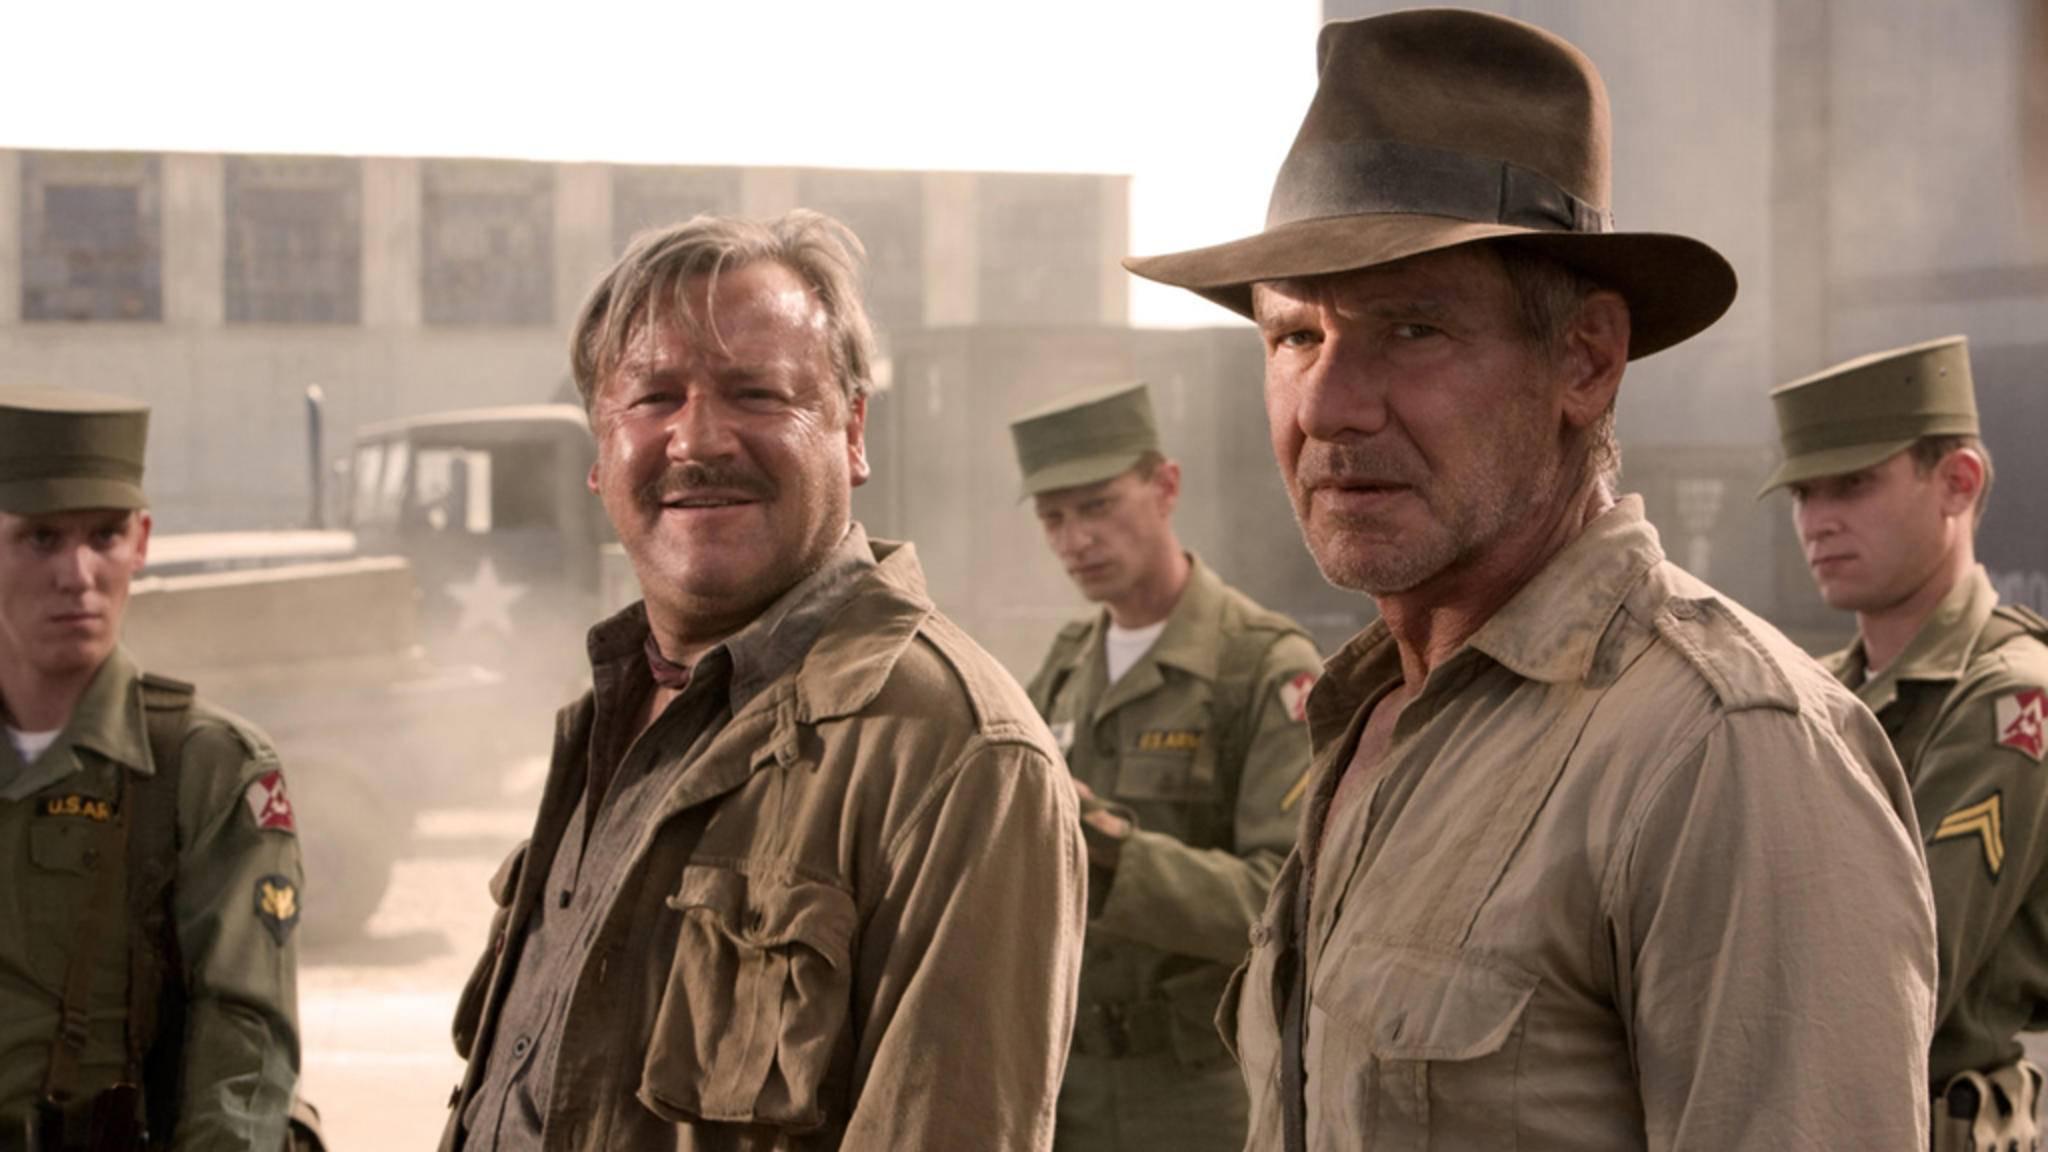 Viermal hat sich Indiana Jones schon in spektakuläre Abenteuer gestürzt – doch welches war das erste?